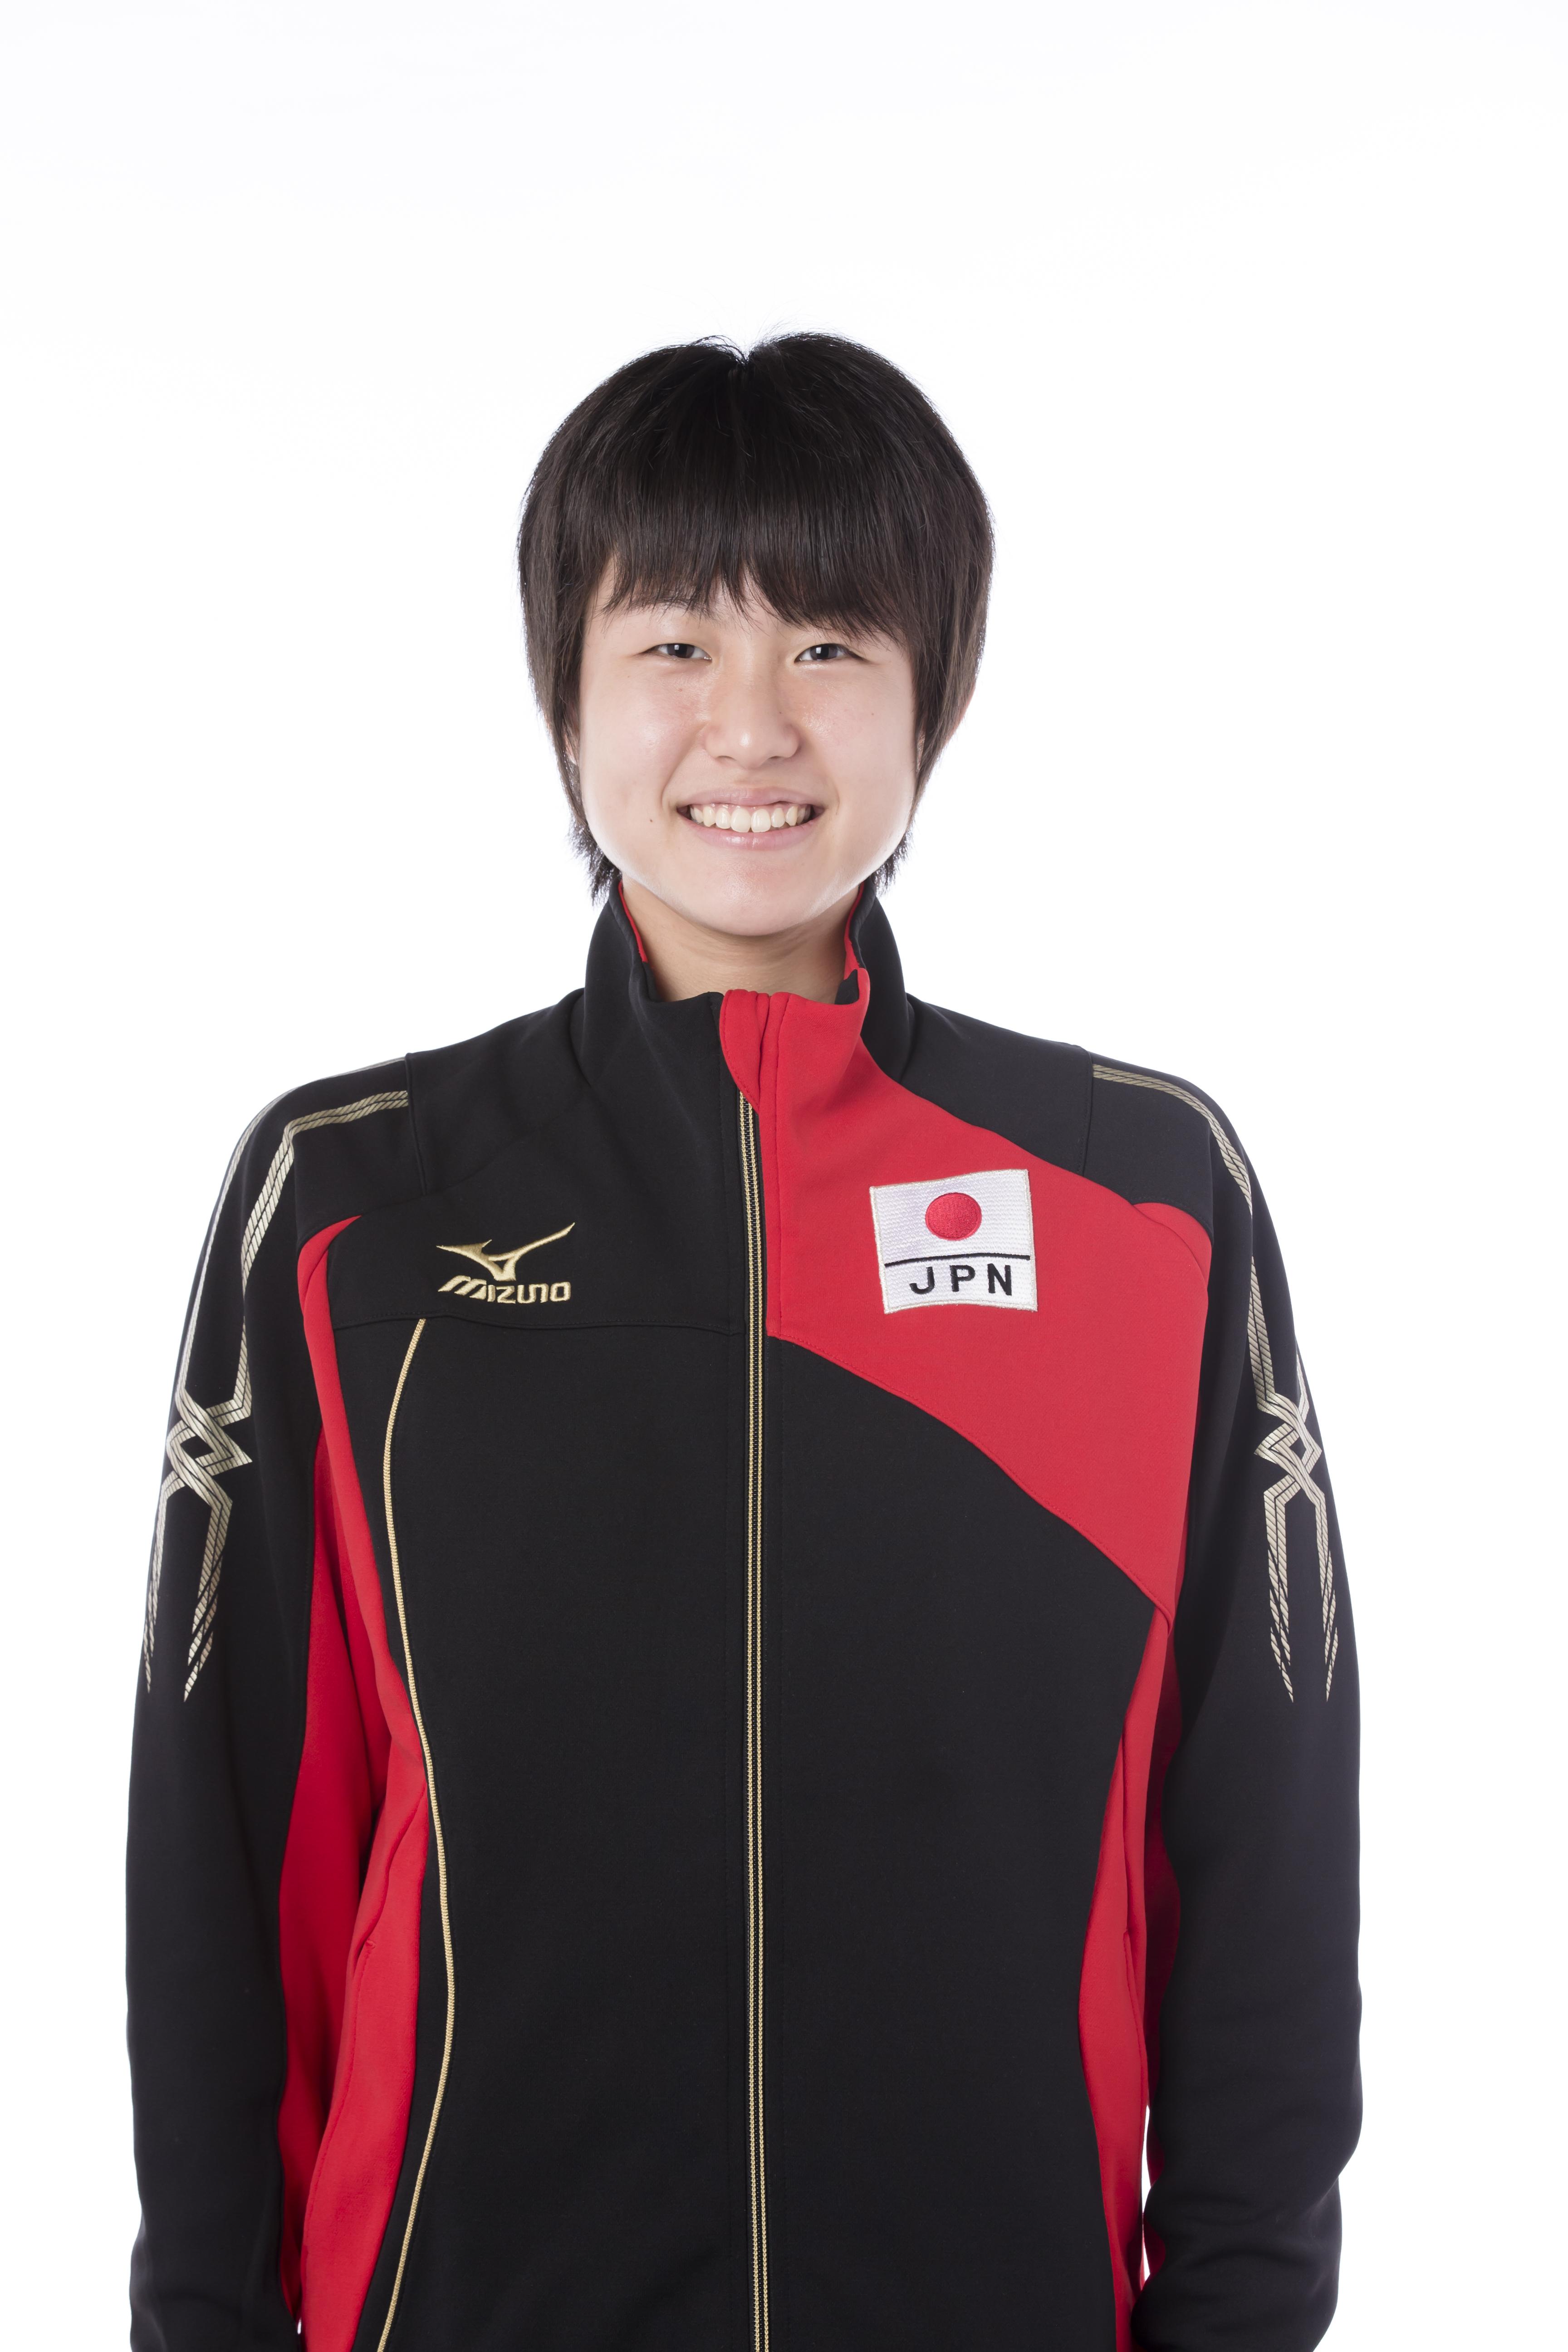 Erina Ogawa